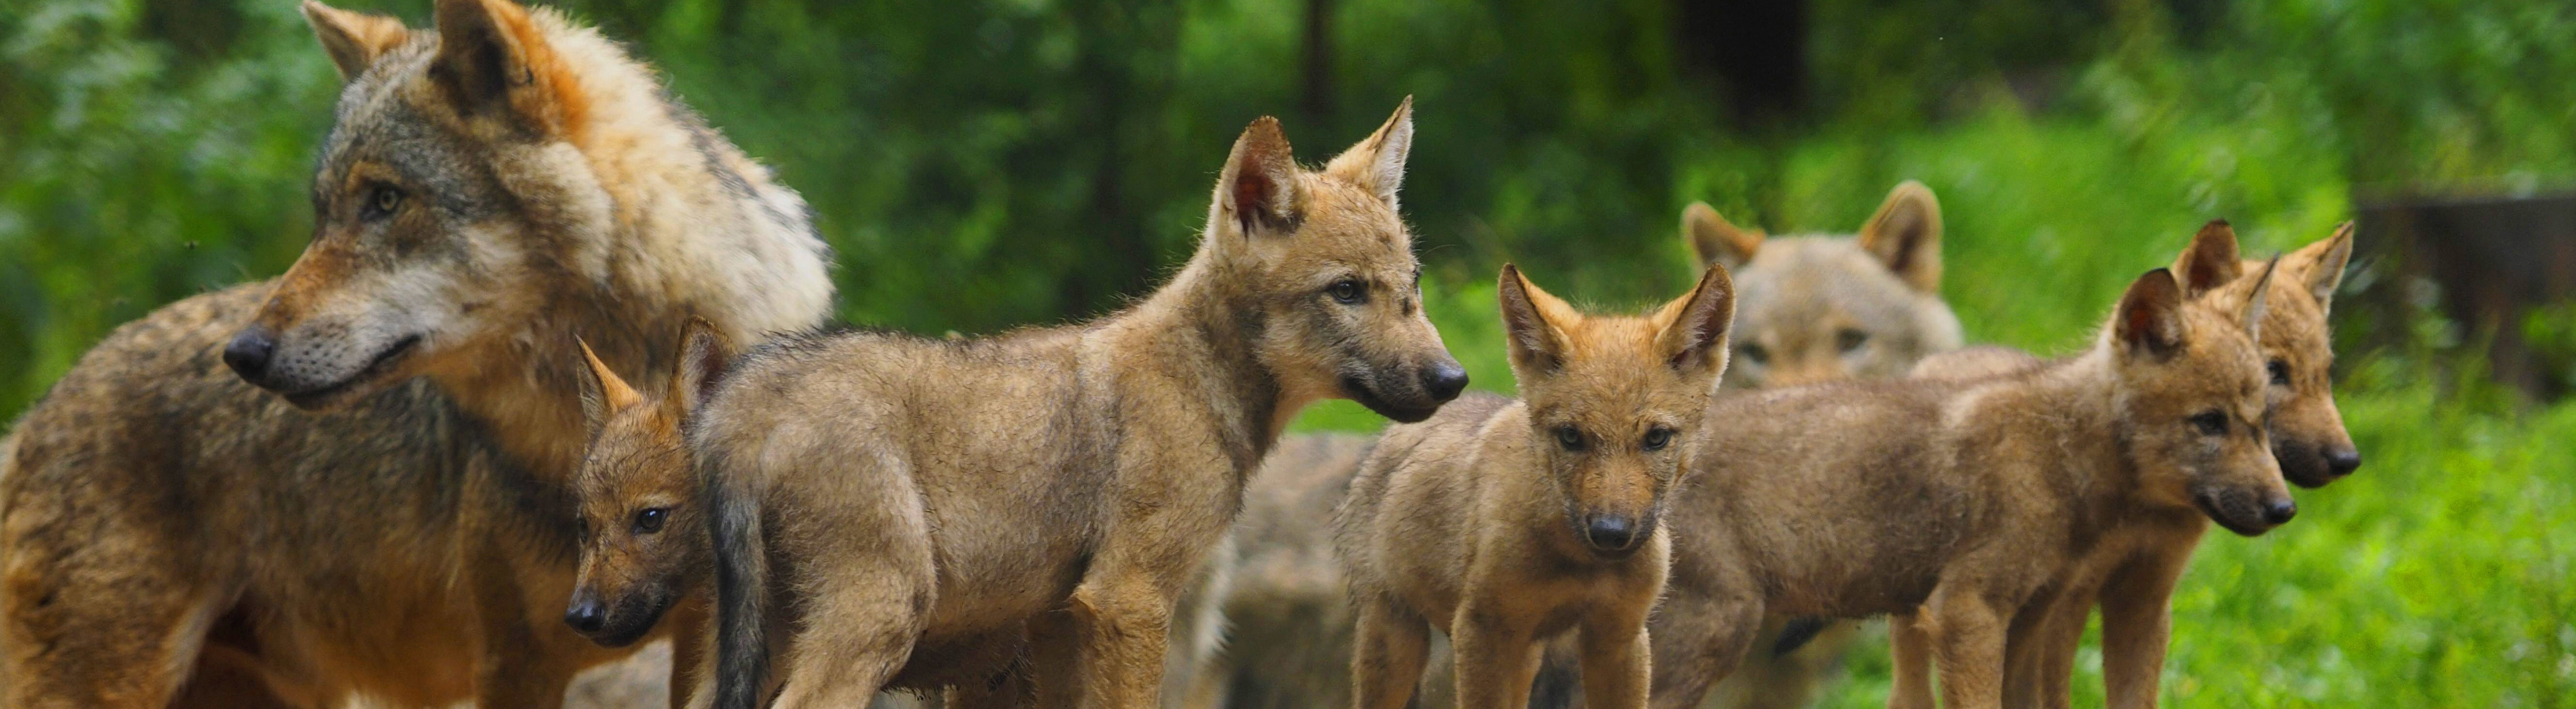 Wolf mit Welpen.